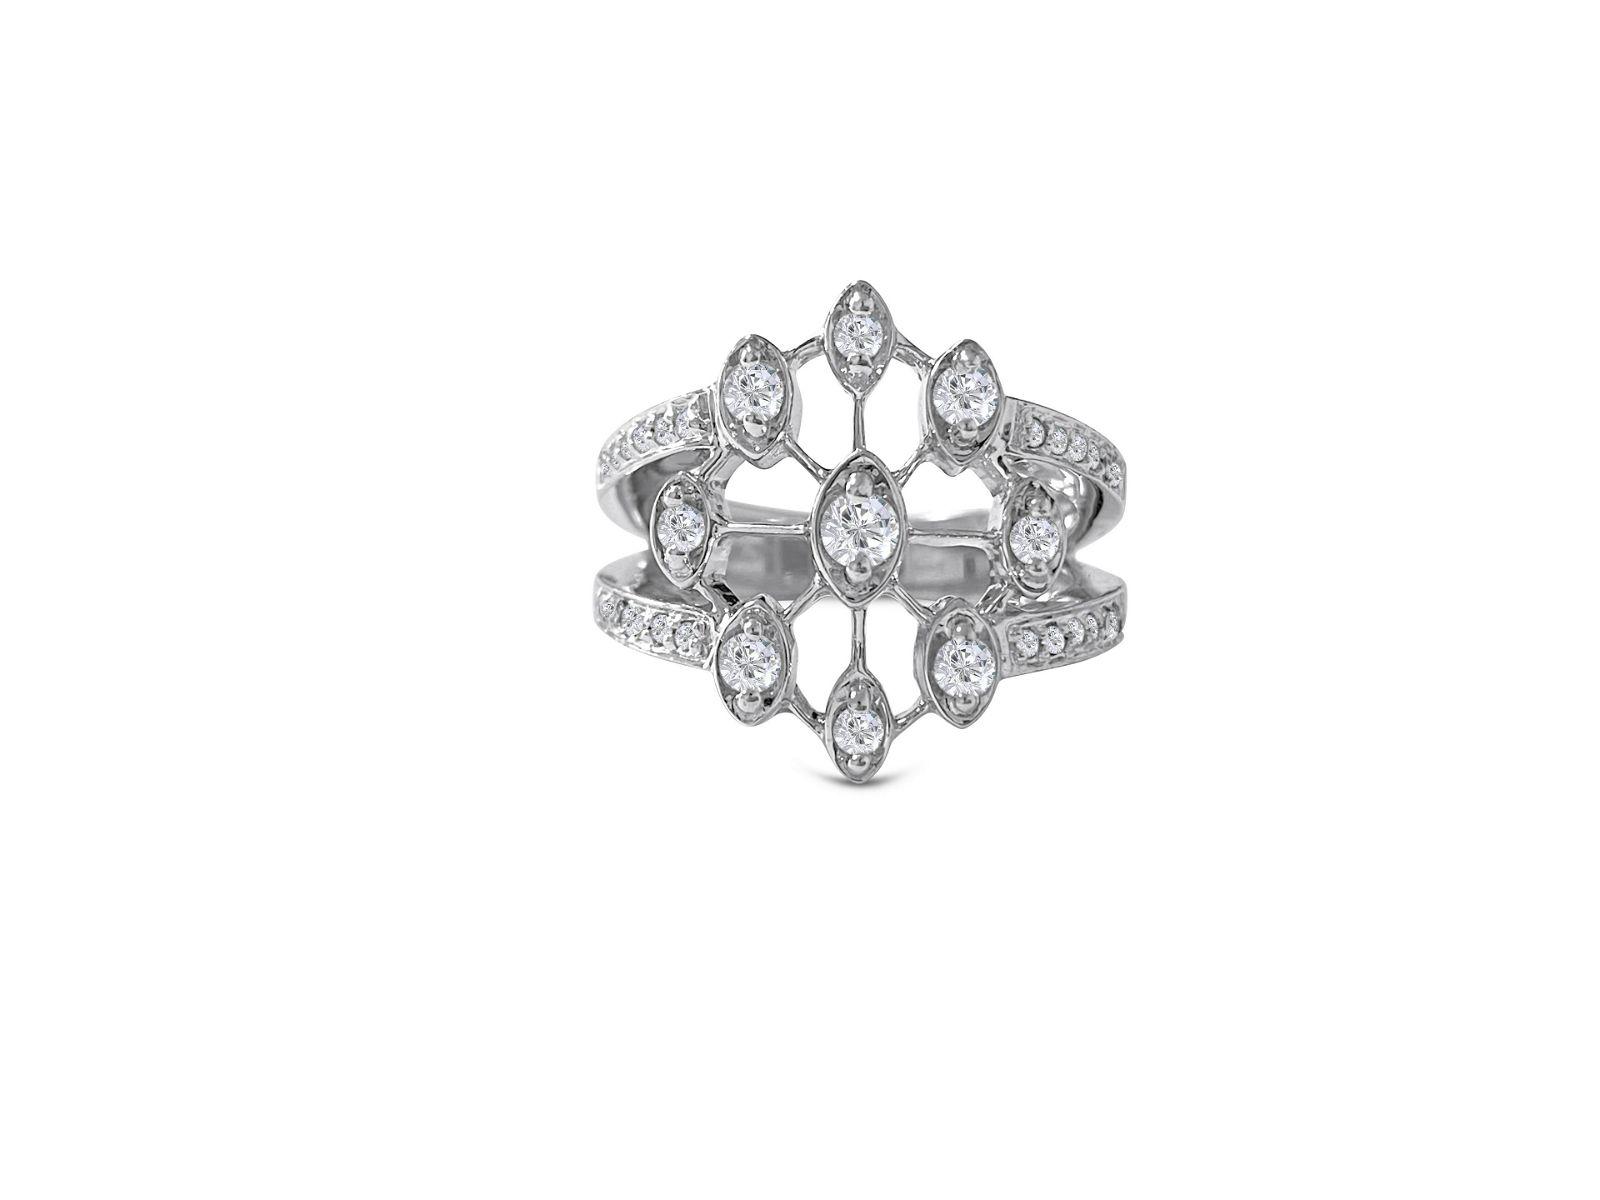 14k White Gold & 1.00 Carat Diamond Ring